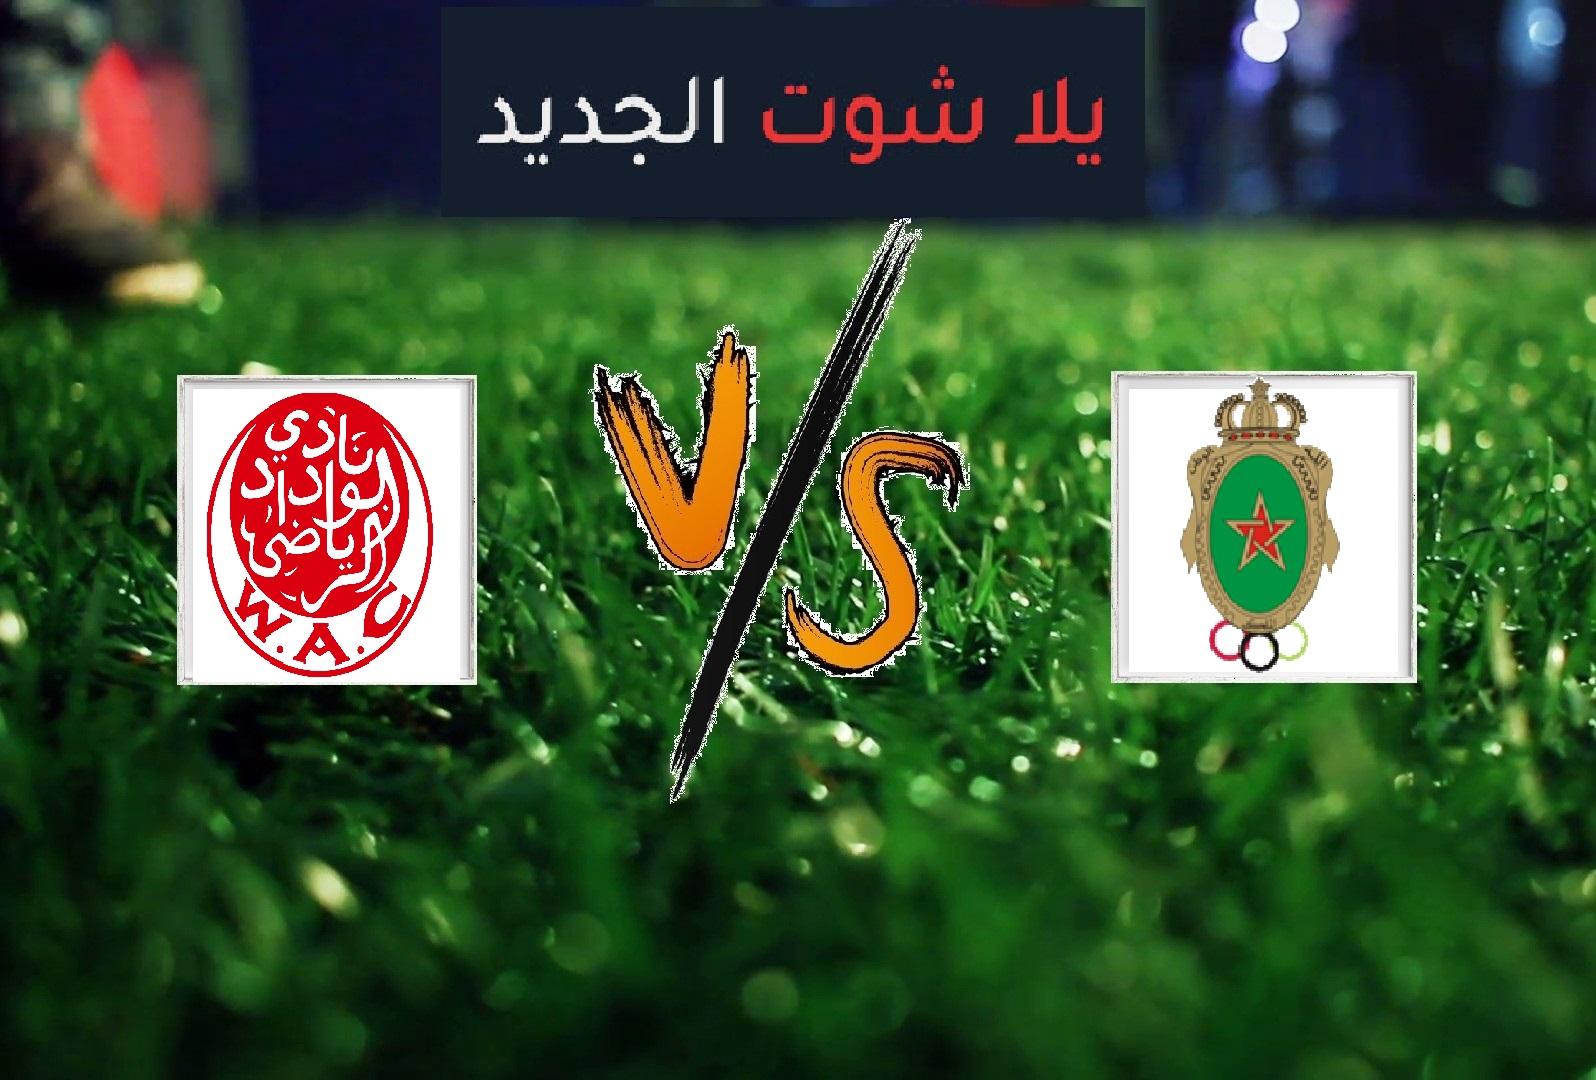 نتيجة مباراة الجيش الملكي والوداد الرياضي اليوم الخميس بتاريخ 09-05-2019 الدوري المغربي